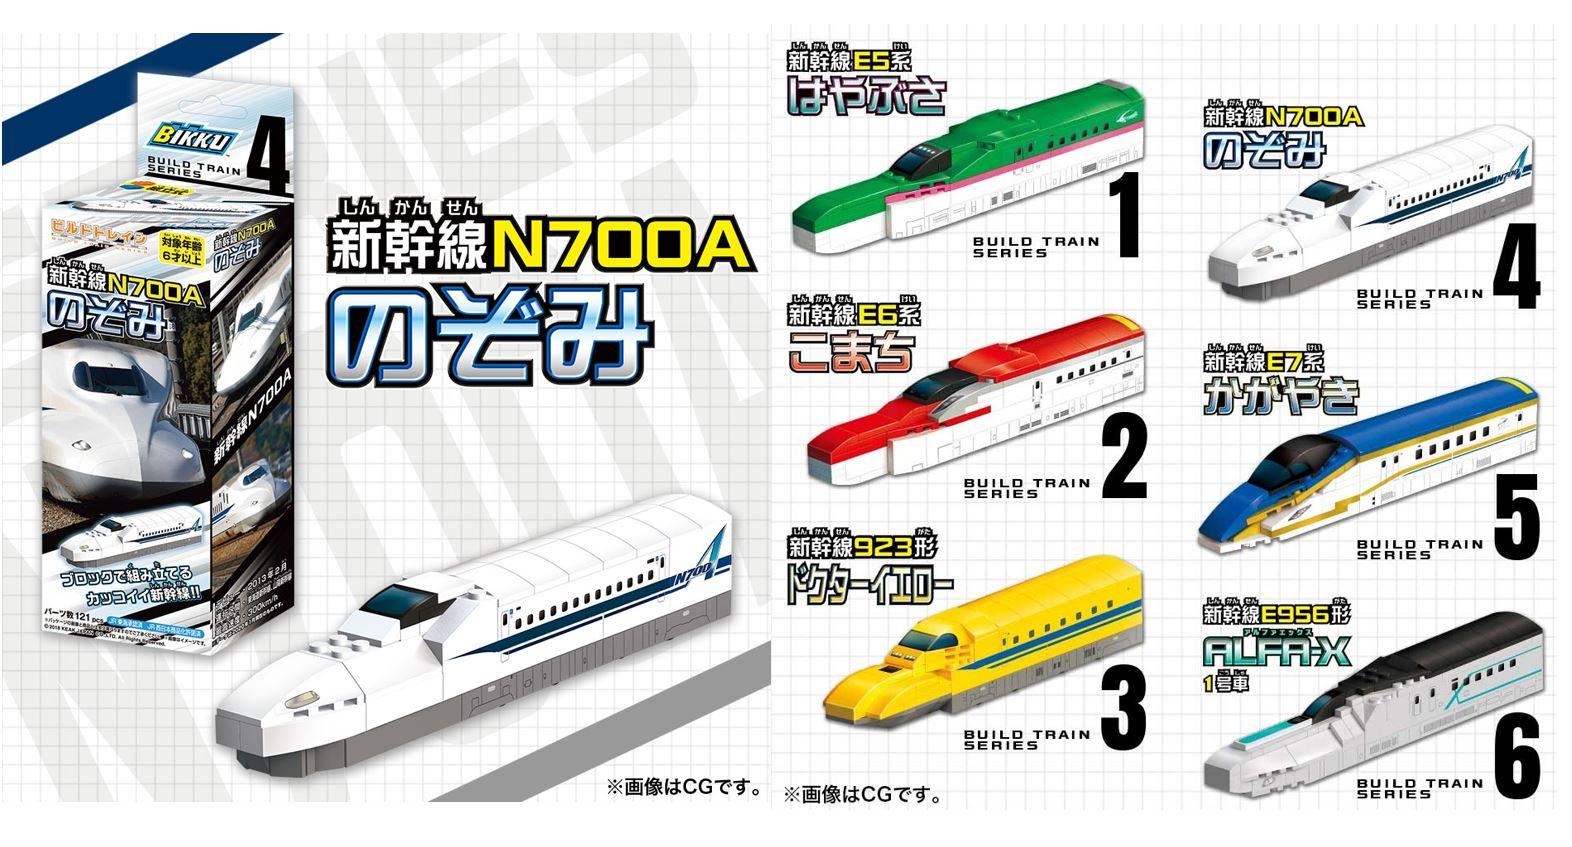 プレゼント!ブロックを組み立てたら走らせて遊ぼう♪「BIKKUビルドトレイン」新幹線シリーズ6種